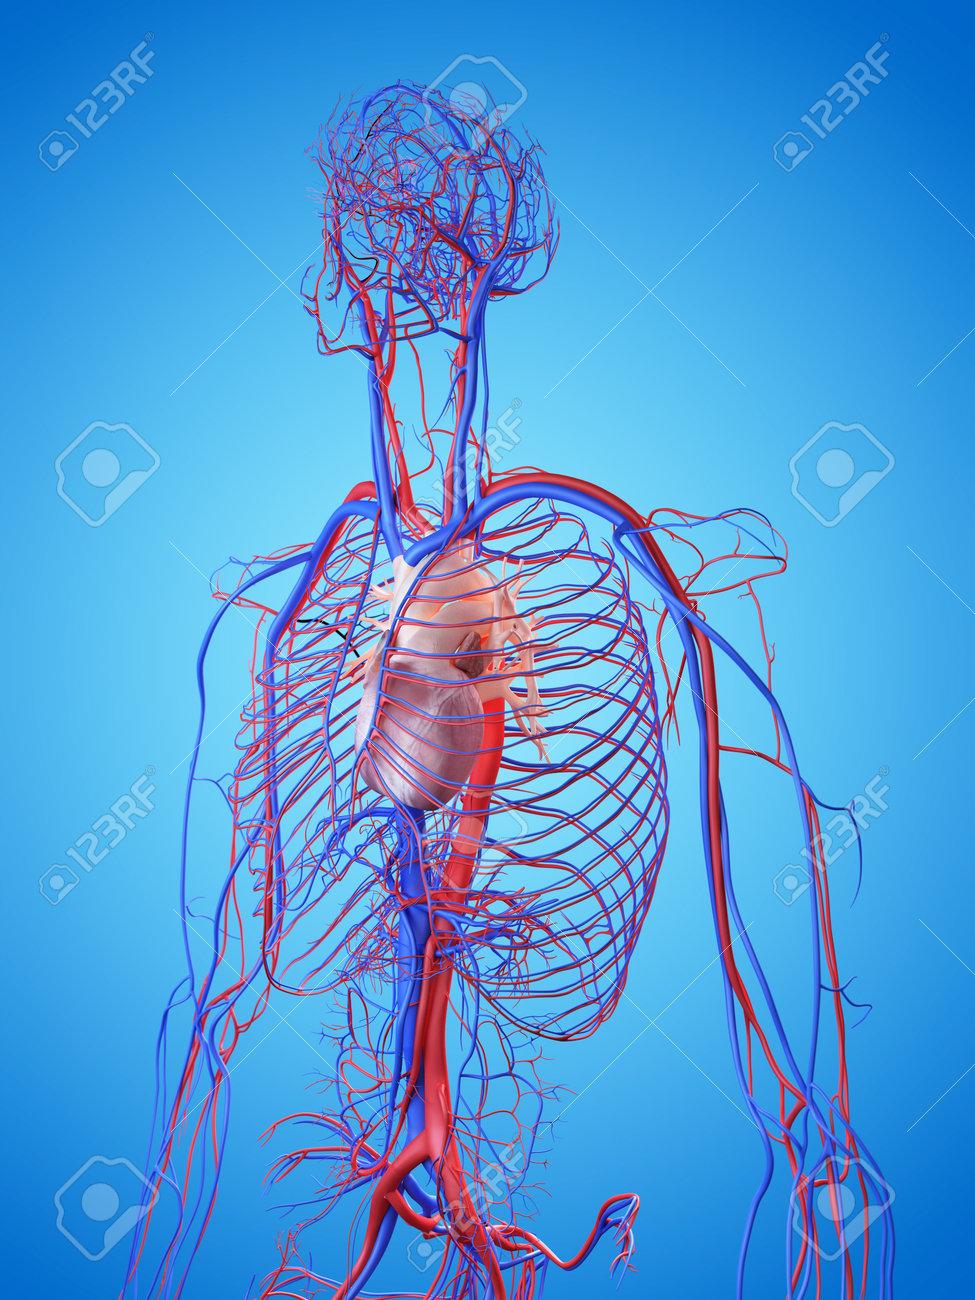 3d übertrug Abbildung Des Menschlichen Herzens Lizenzfreie Fotos ...